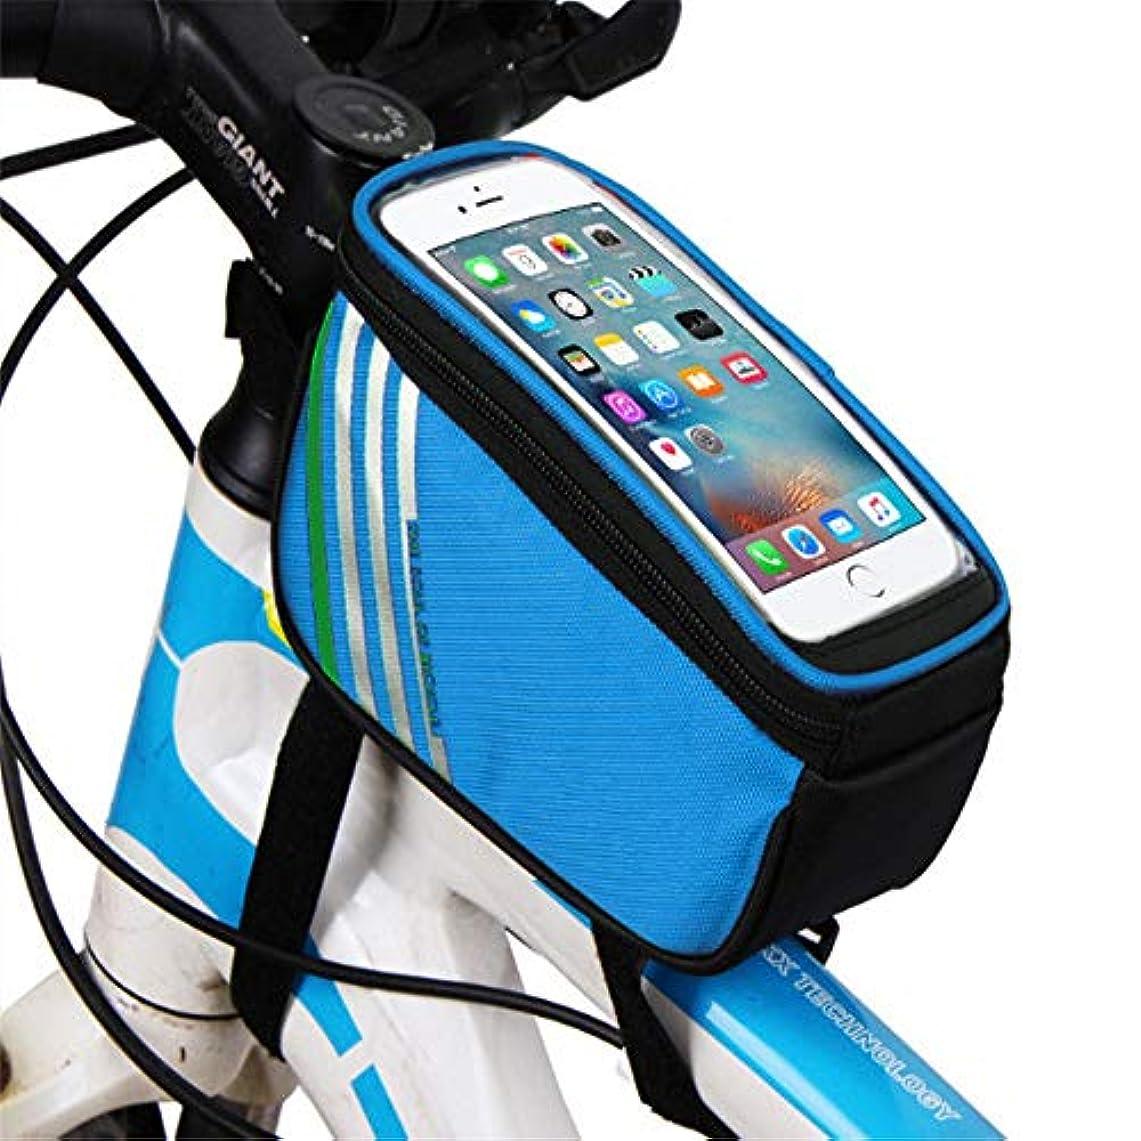 スパイラル落ち着く迷彩サイクリングバッグ防水自転車電話バッグタッチスクリーンチューブパッケージ サイクリングバッグ防水 (色 : 青)